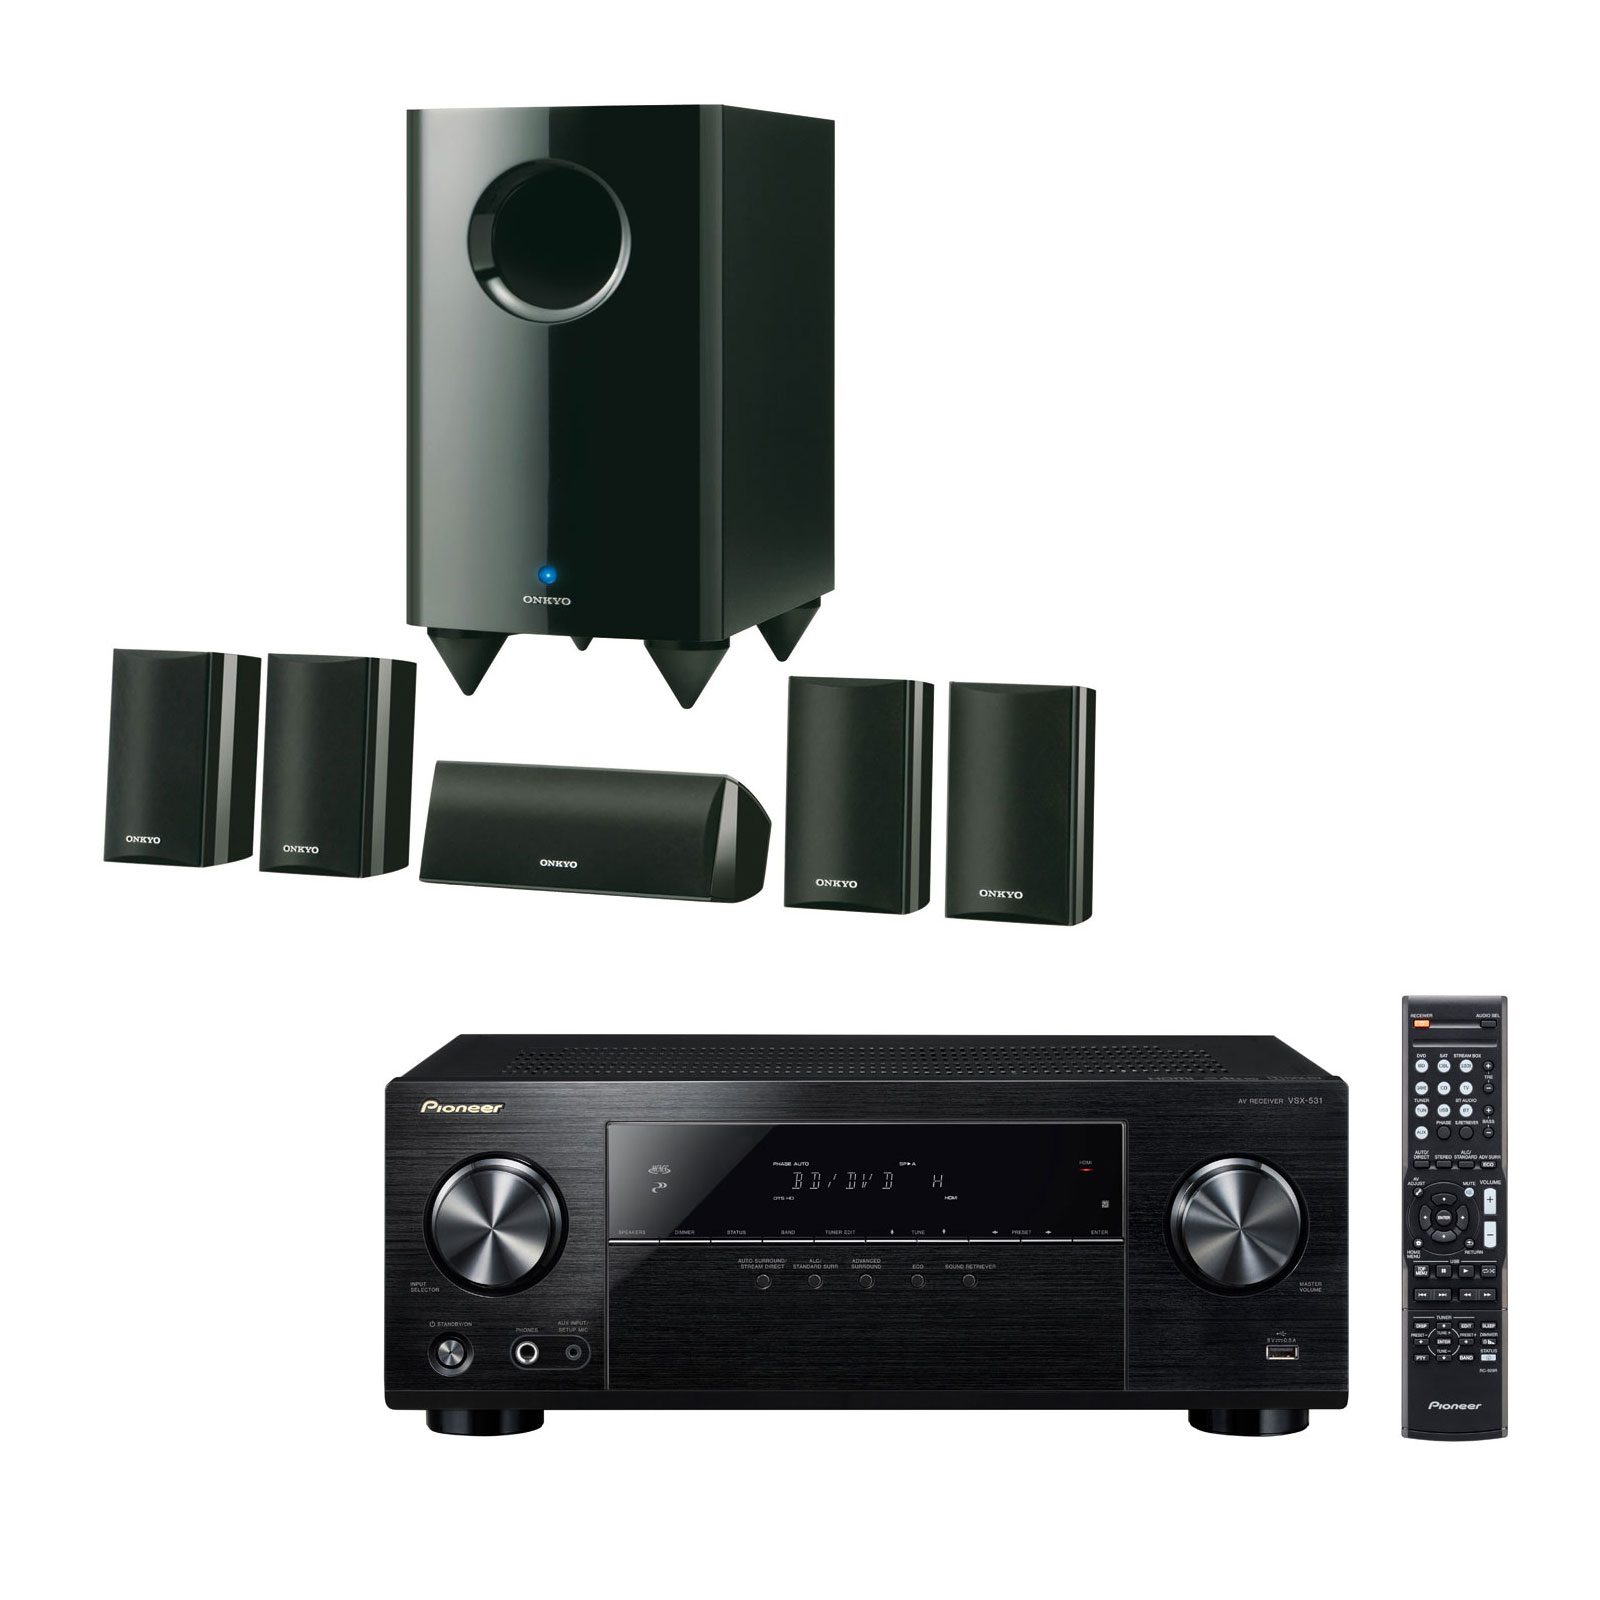 Ensemble home cinéma Pioneer VSX-531B + Onkyo SKS-HT528 Ampli-tuner Home Cinéma 5.1 Bluetooth, HDCP 2.2, et Upscaling Ultra HD 4K avec 4 entrées HDMI + Pack d'enceintes 5.1